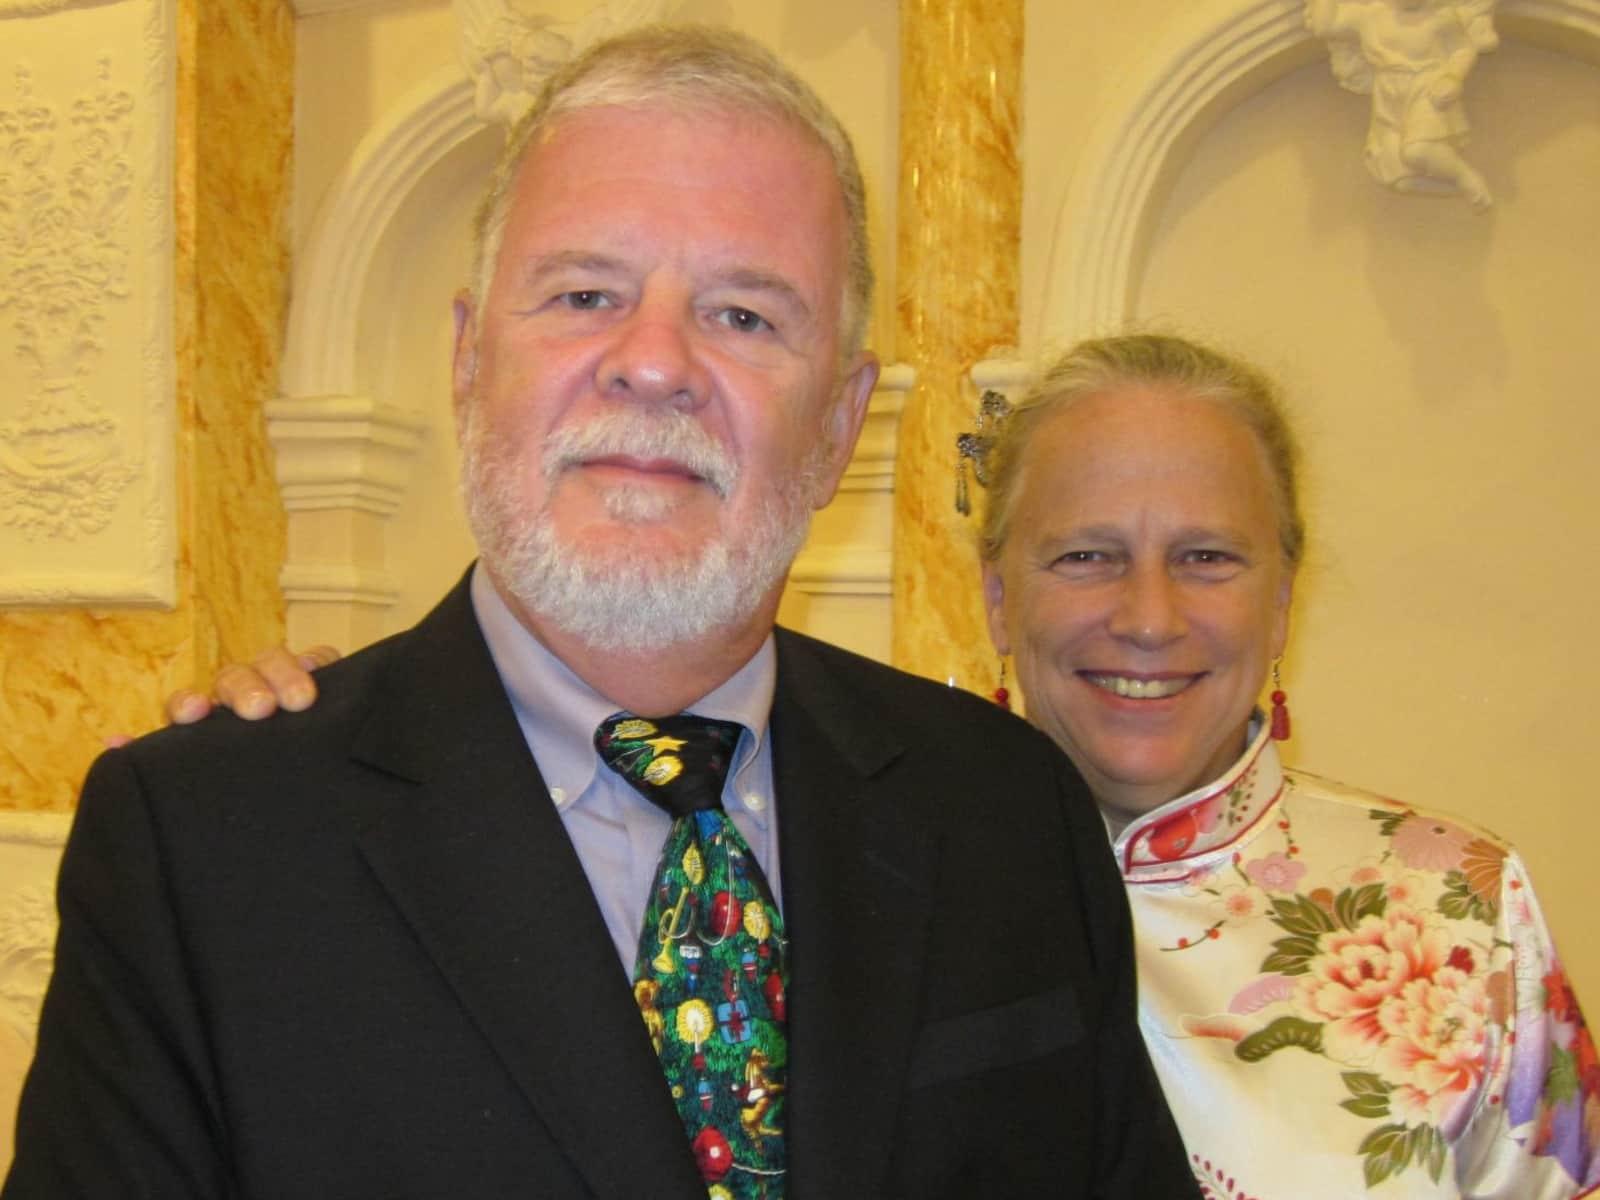 Tom & Heather from Washington, D.C., Washington, D.C., United States